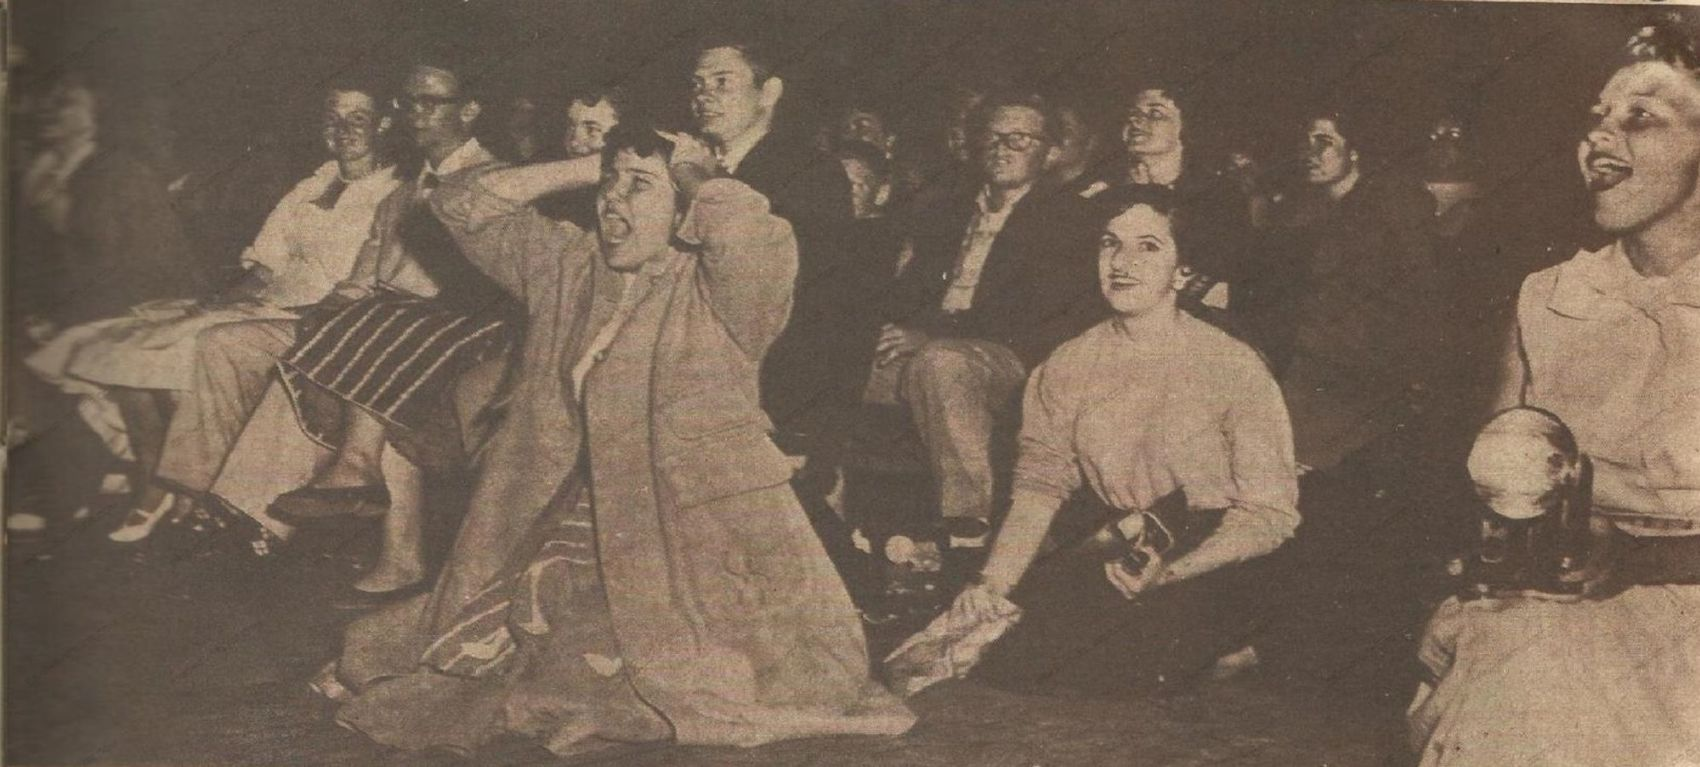 0241-elvis-presley-haberleri-1958-yelpaze-dergisi-sezen-cumhur-onal (1)